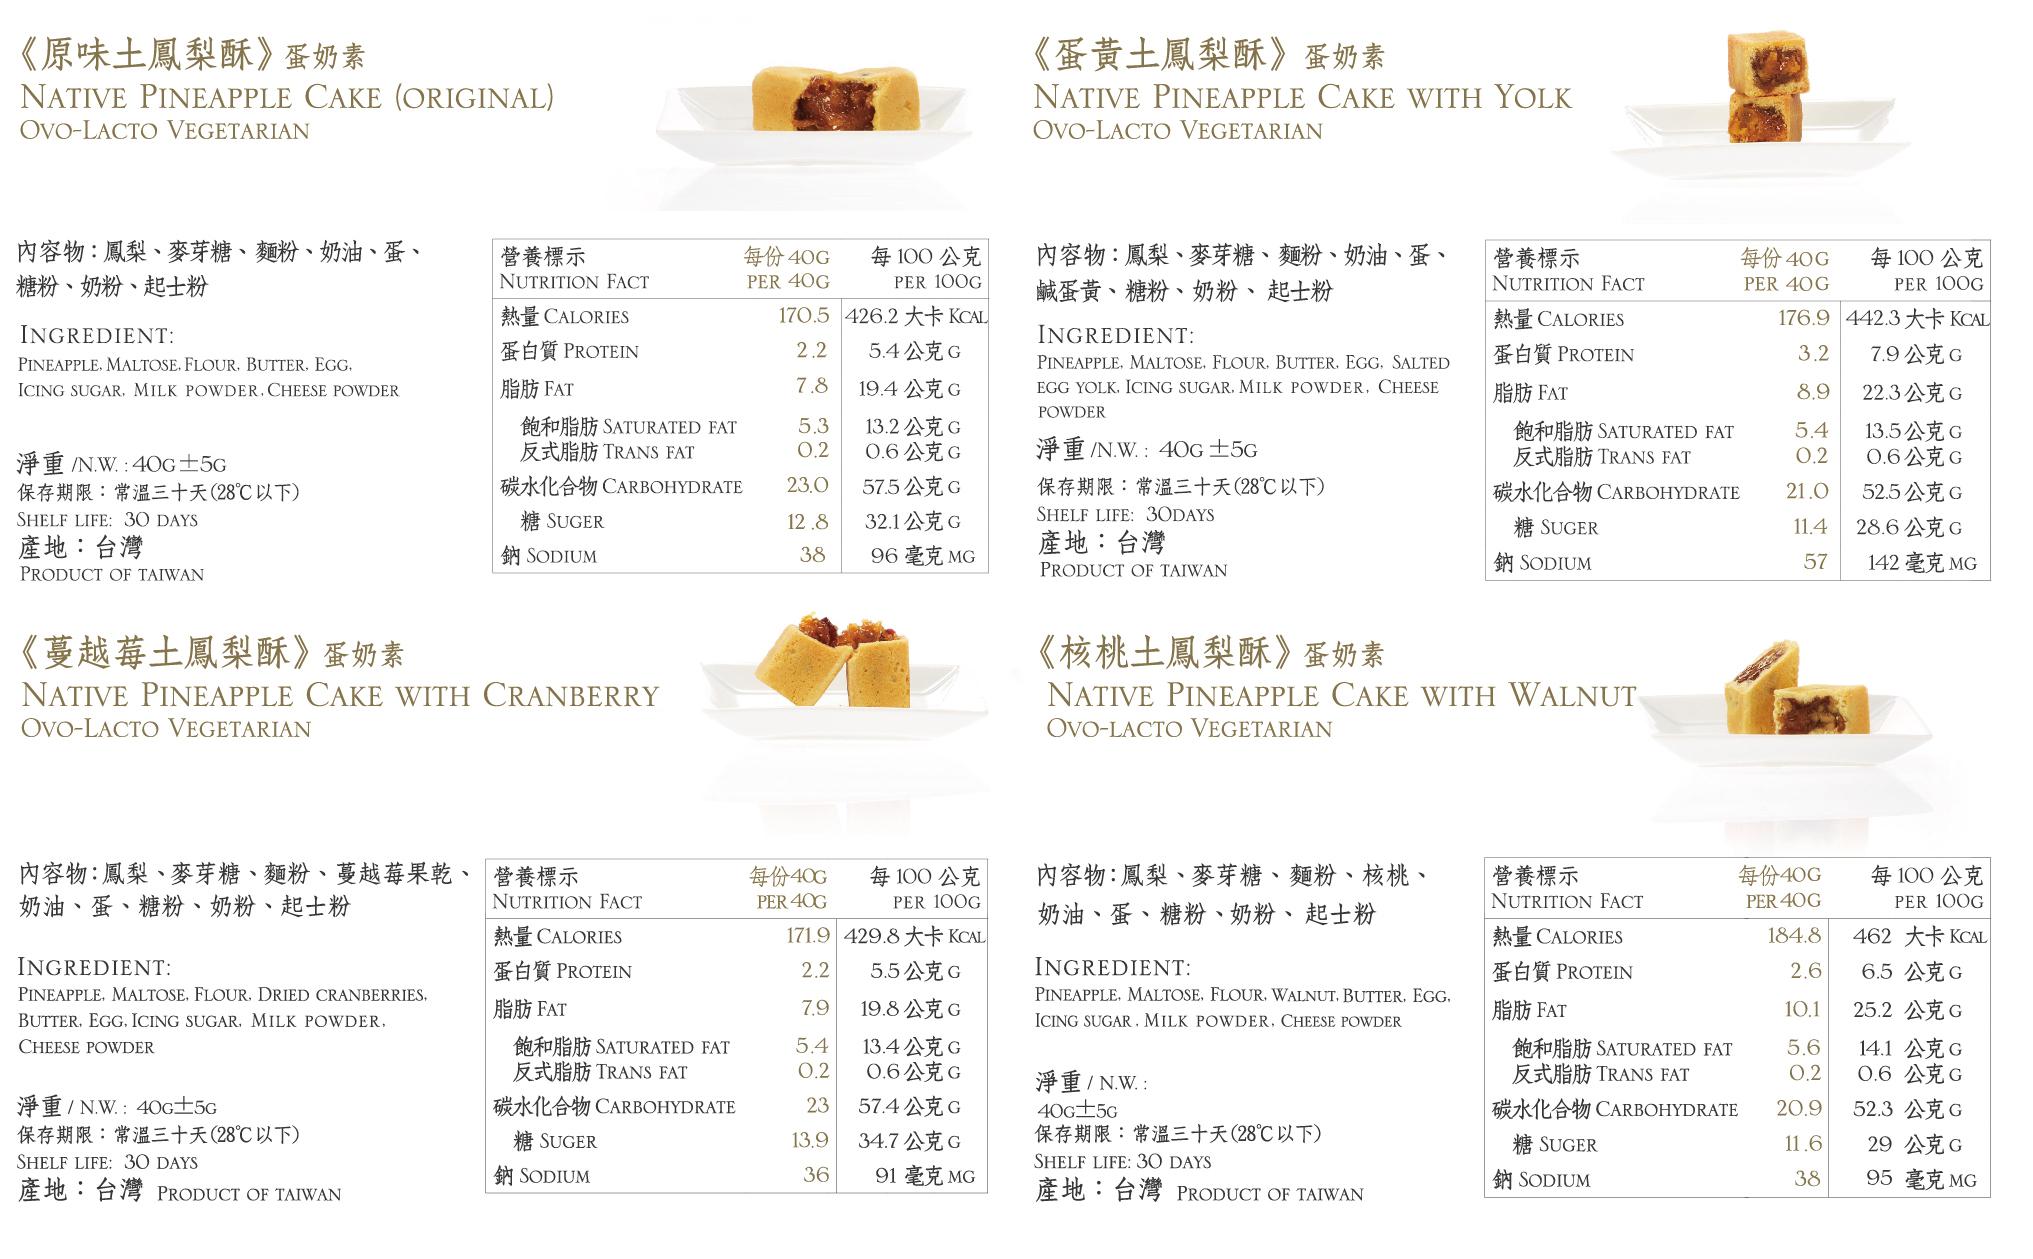 綜合鳳梨酥食品標